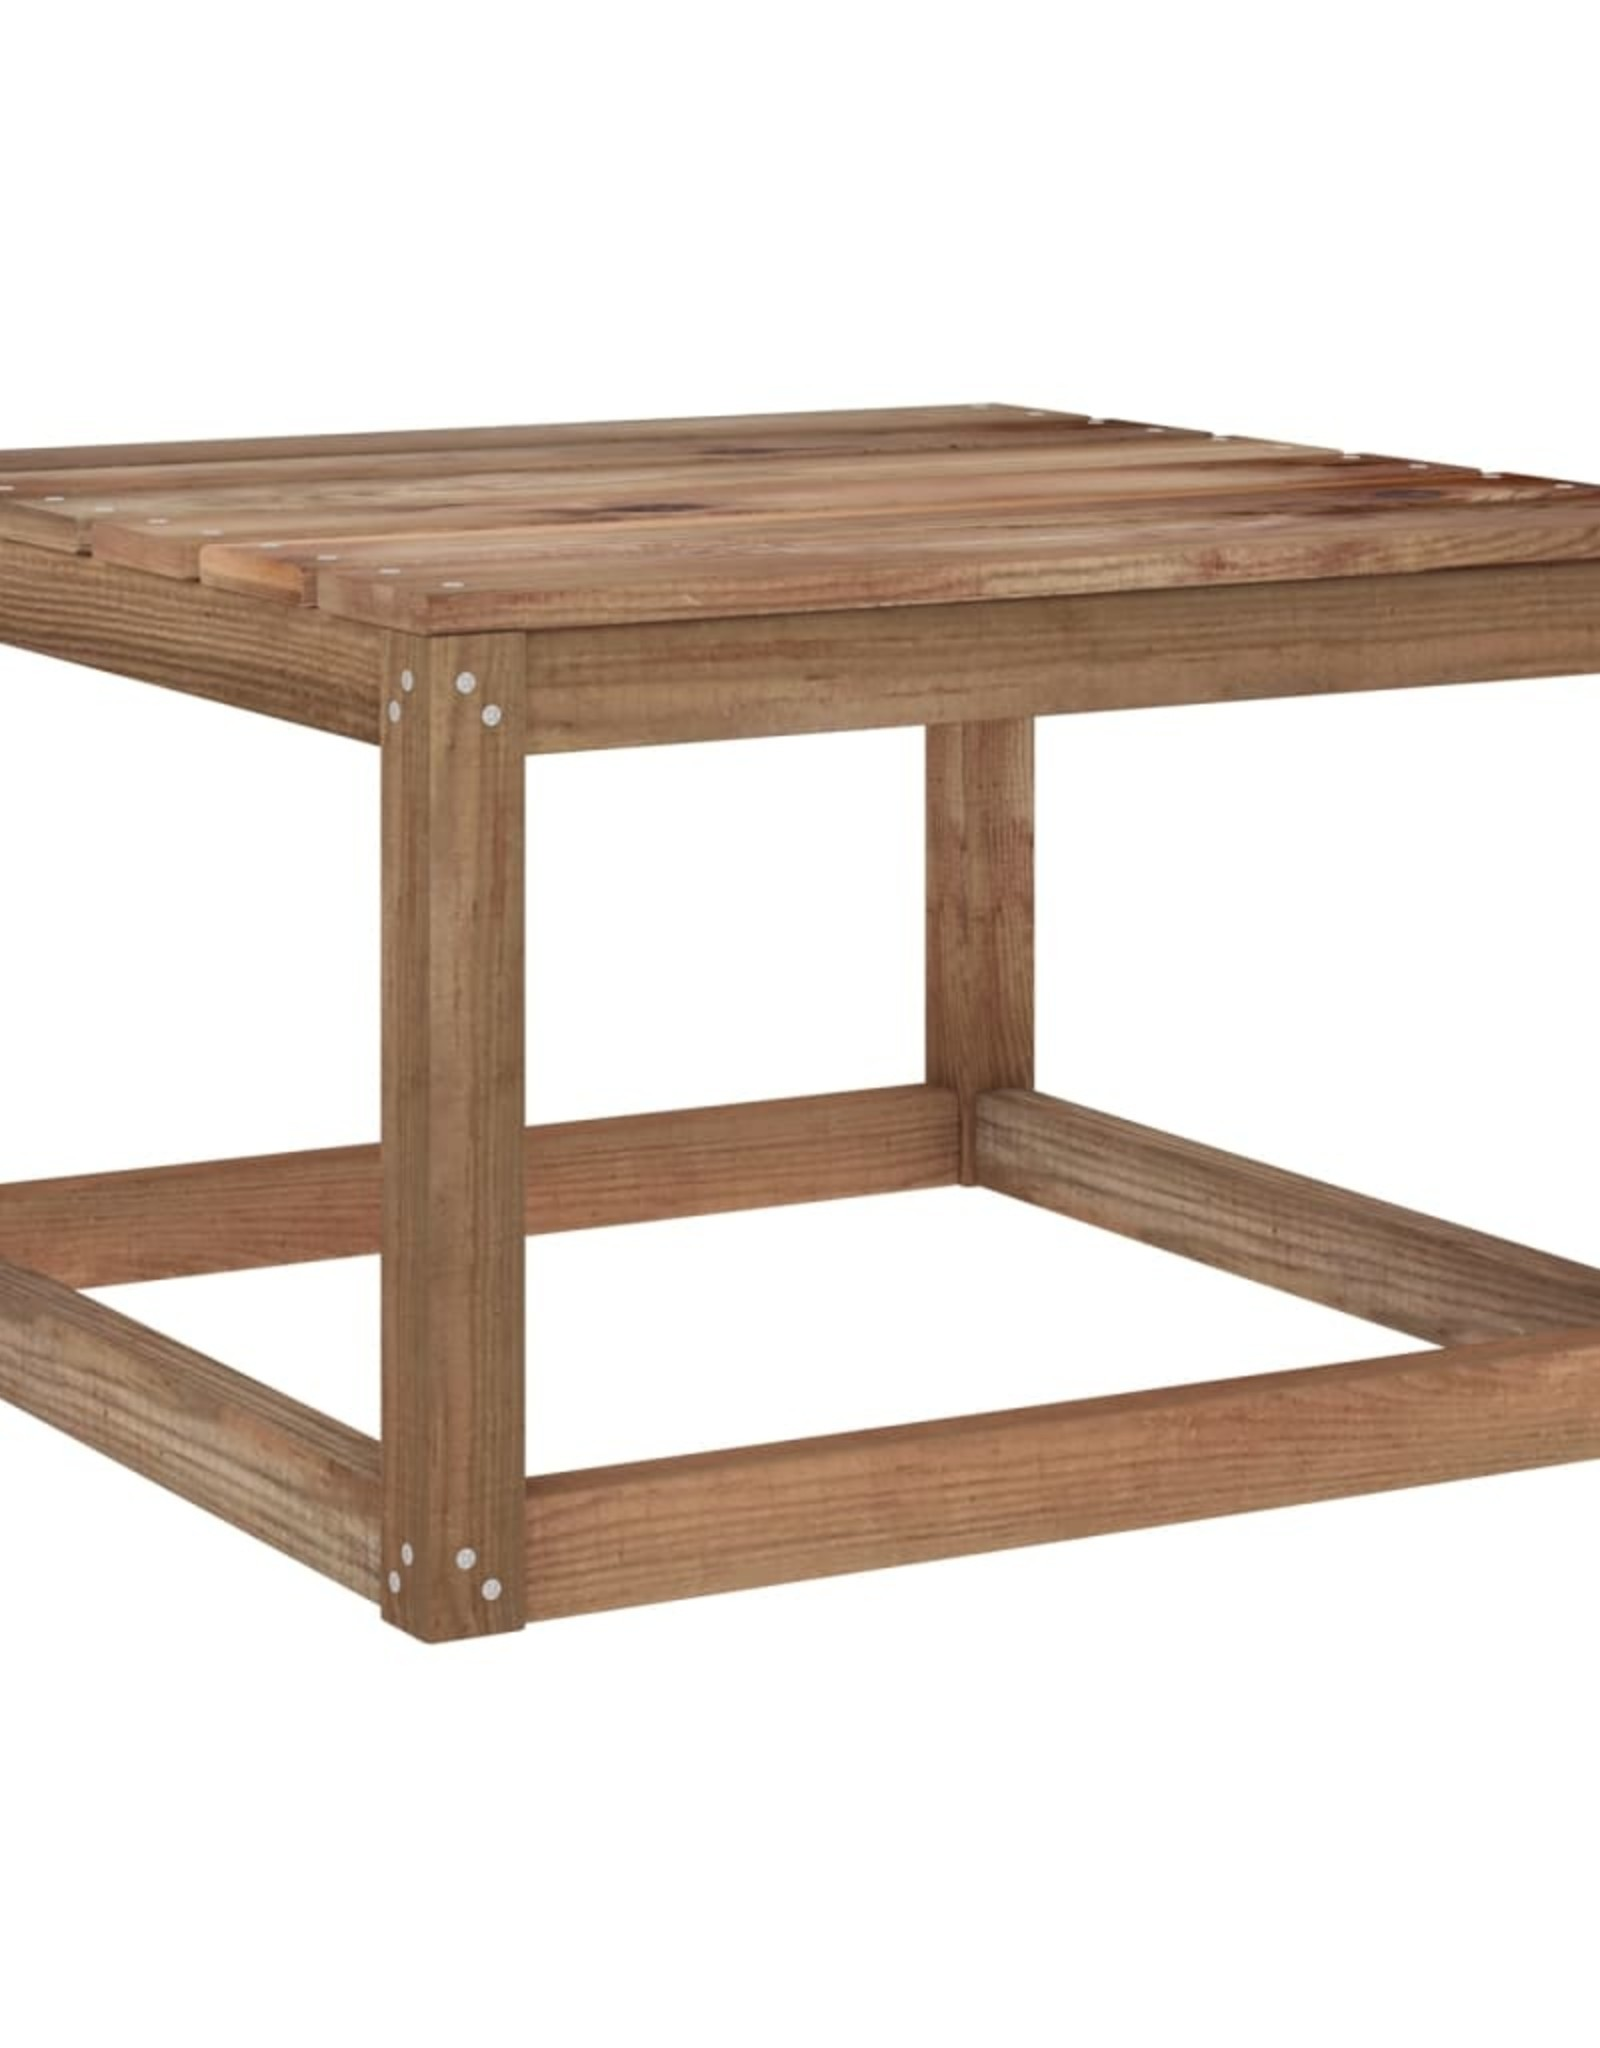 6-delige Loungeset met blauwe kussens geïmpregneerd grenenhout